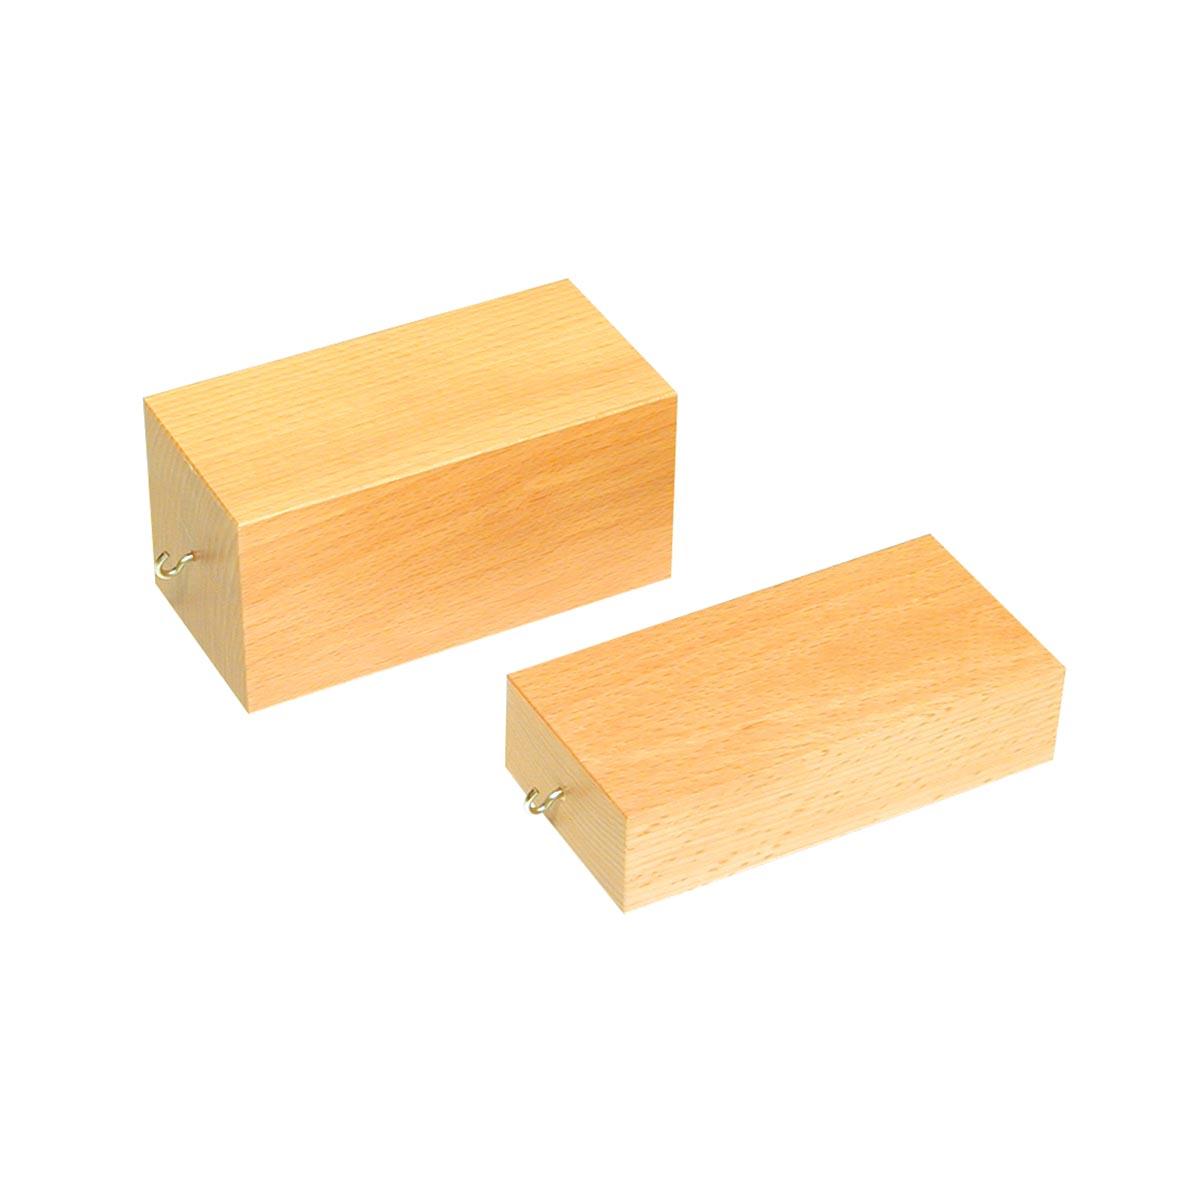 Blocos de madeira para experiências com fricção U15026  #C1760A 1200x1200